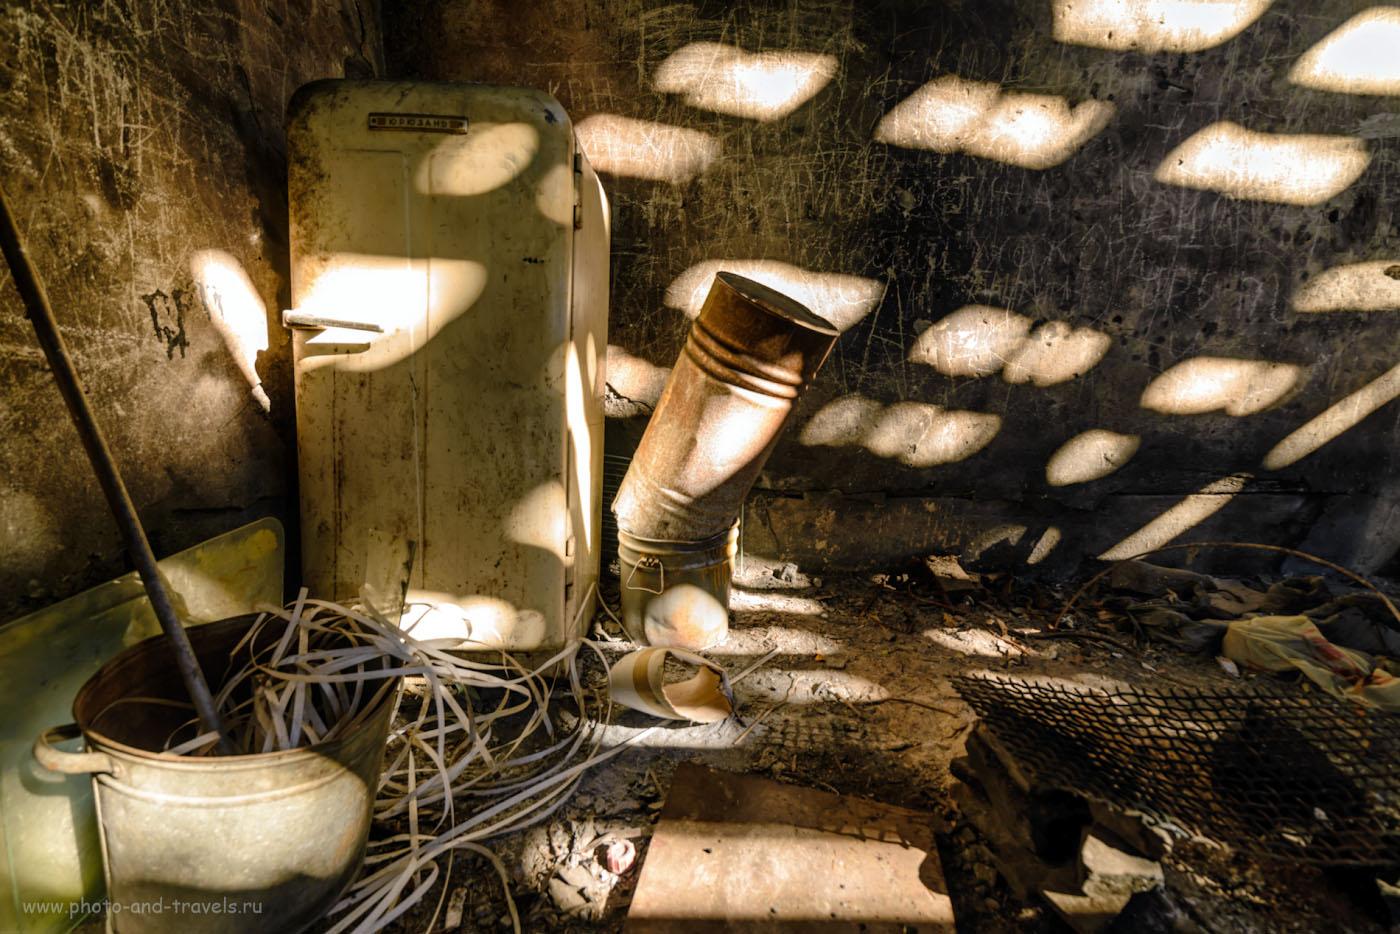 Фото 32. Свидетели давно минувших лет. Экскурсия в Магнитку. 1/30, -0.33, 4.5, 180, 14.